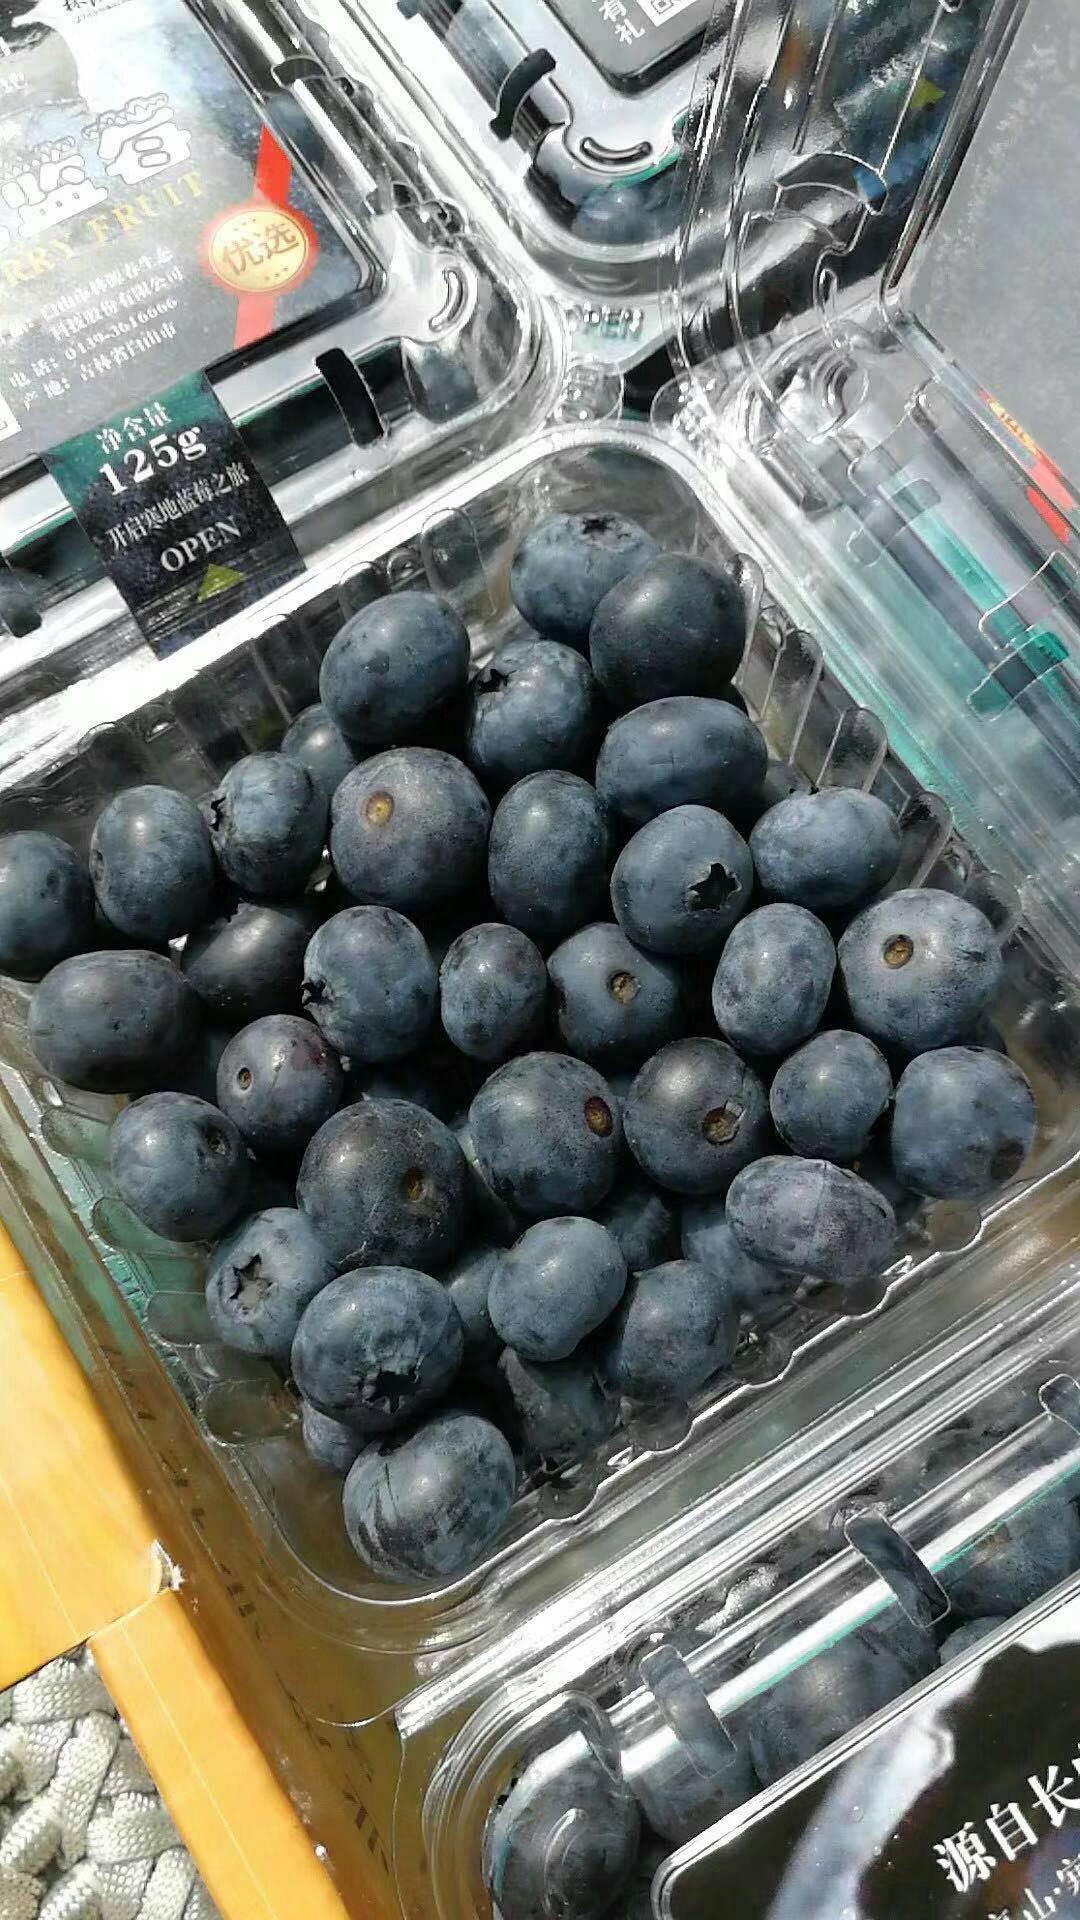 蓝丰蓝莓 【蓝丰、伯克利、美登】*50*吨冻果批量出售